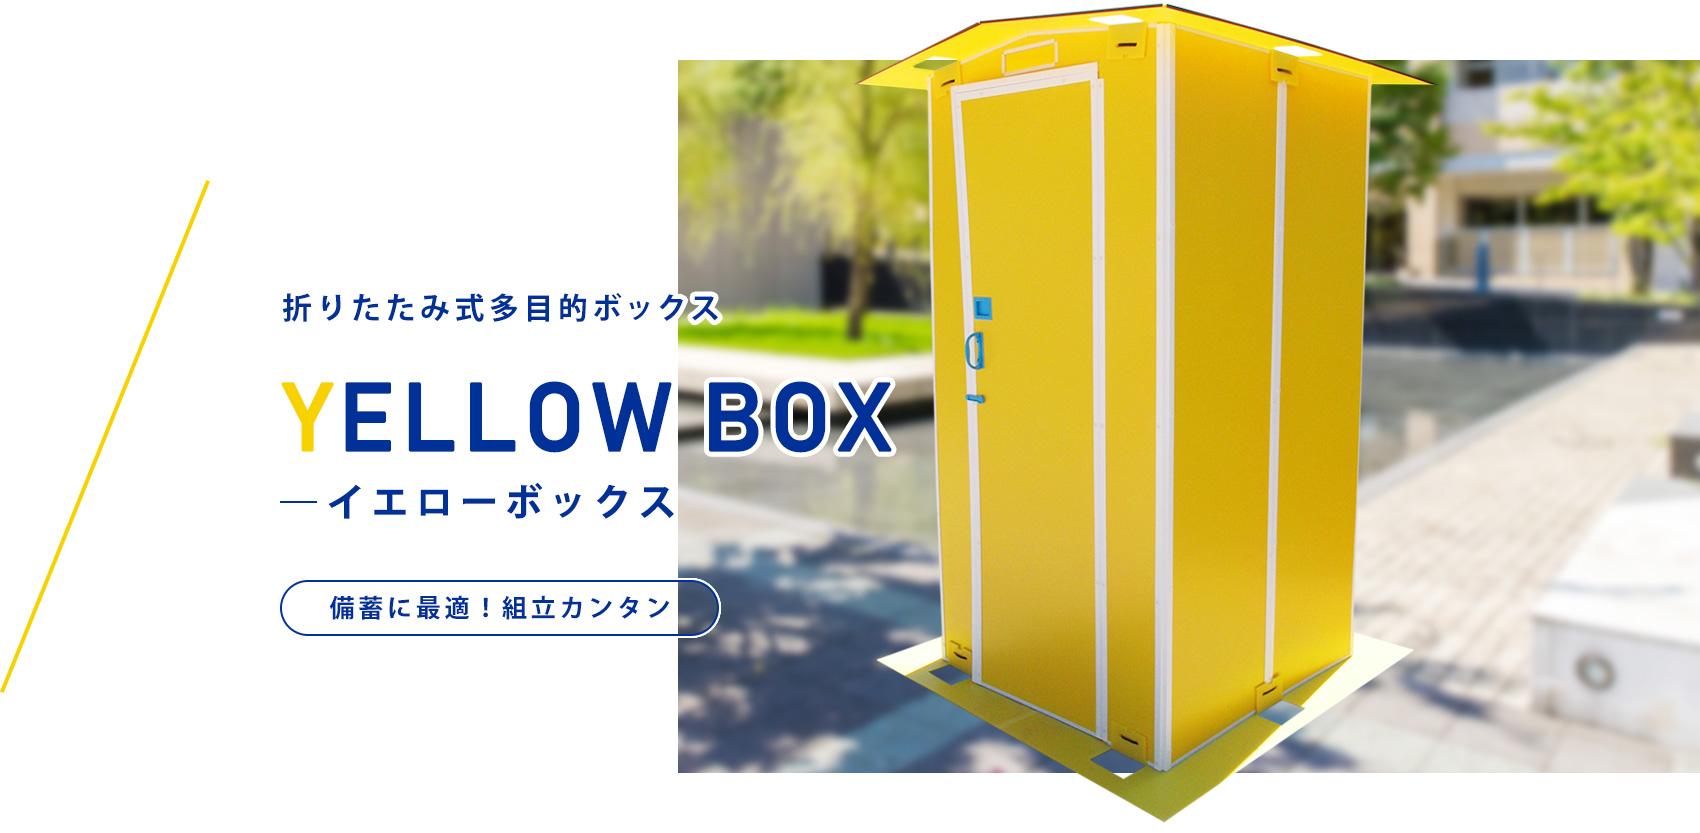 折りたたみ式多目的ボックス YELLOW BOX